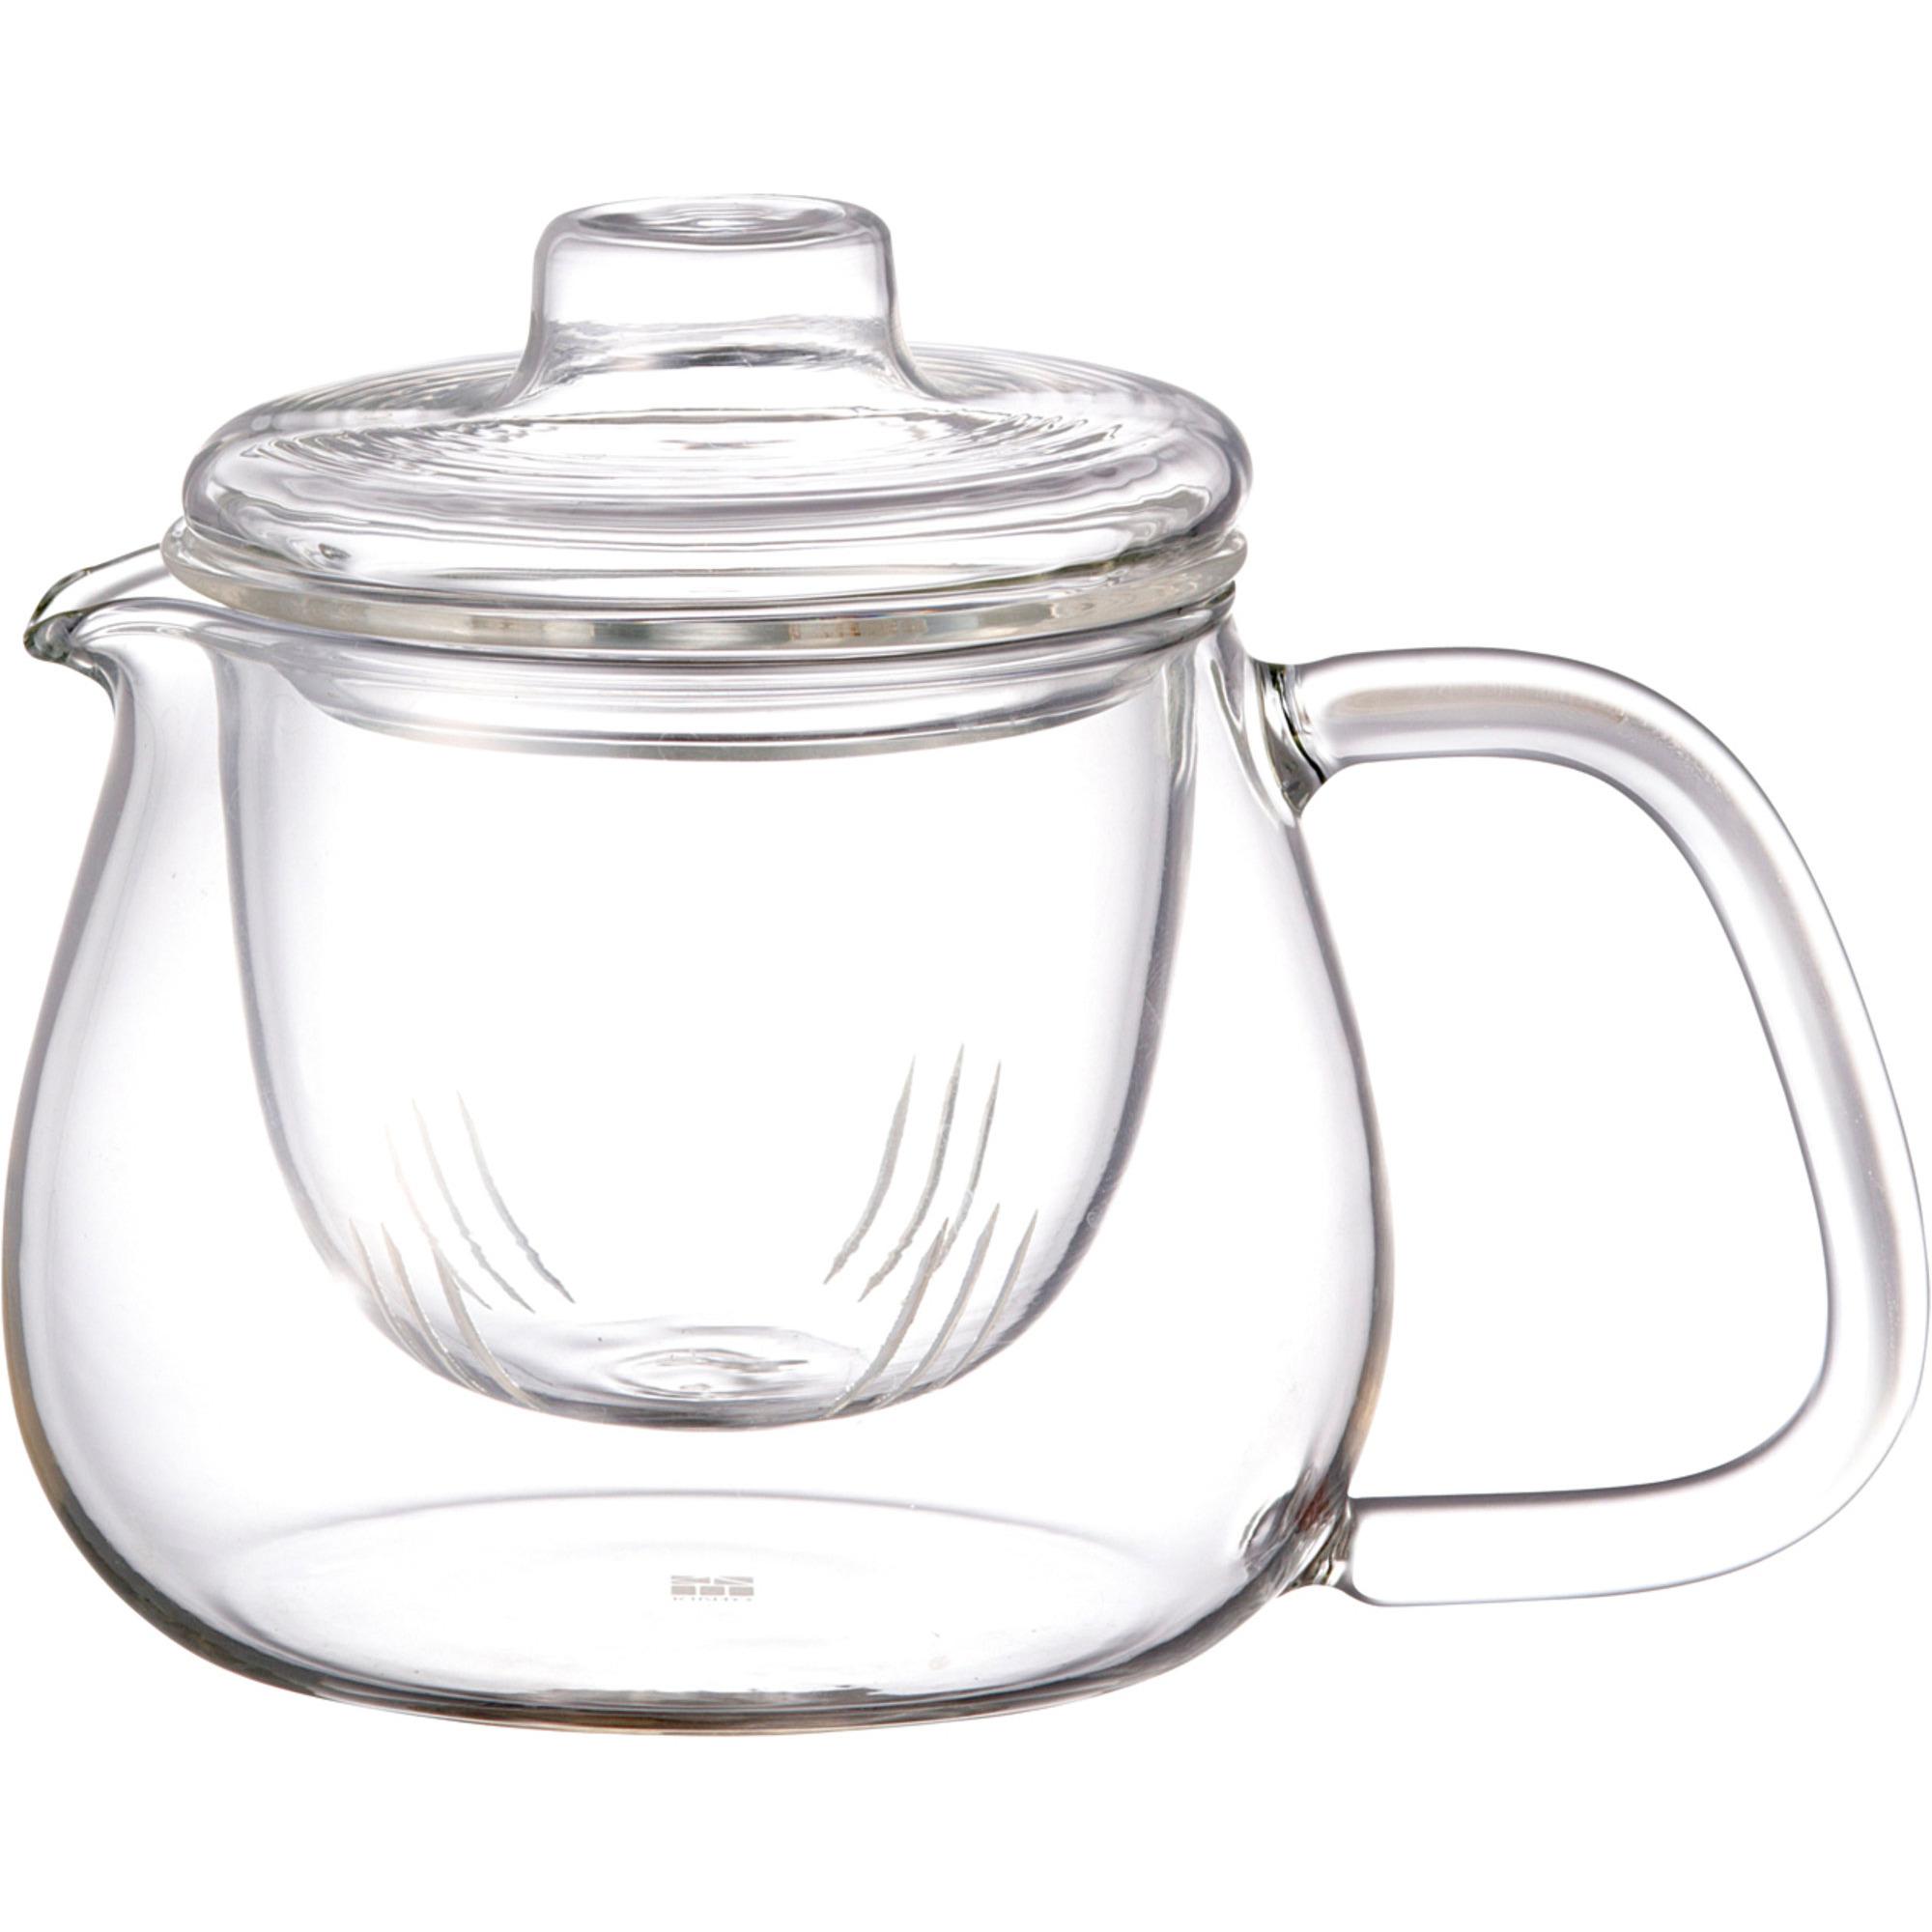 Kinto UNITEA tekanneset i glas litet